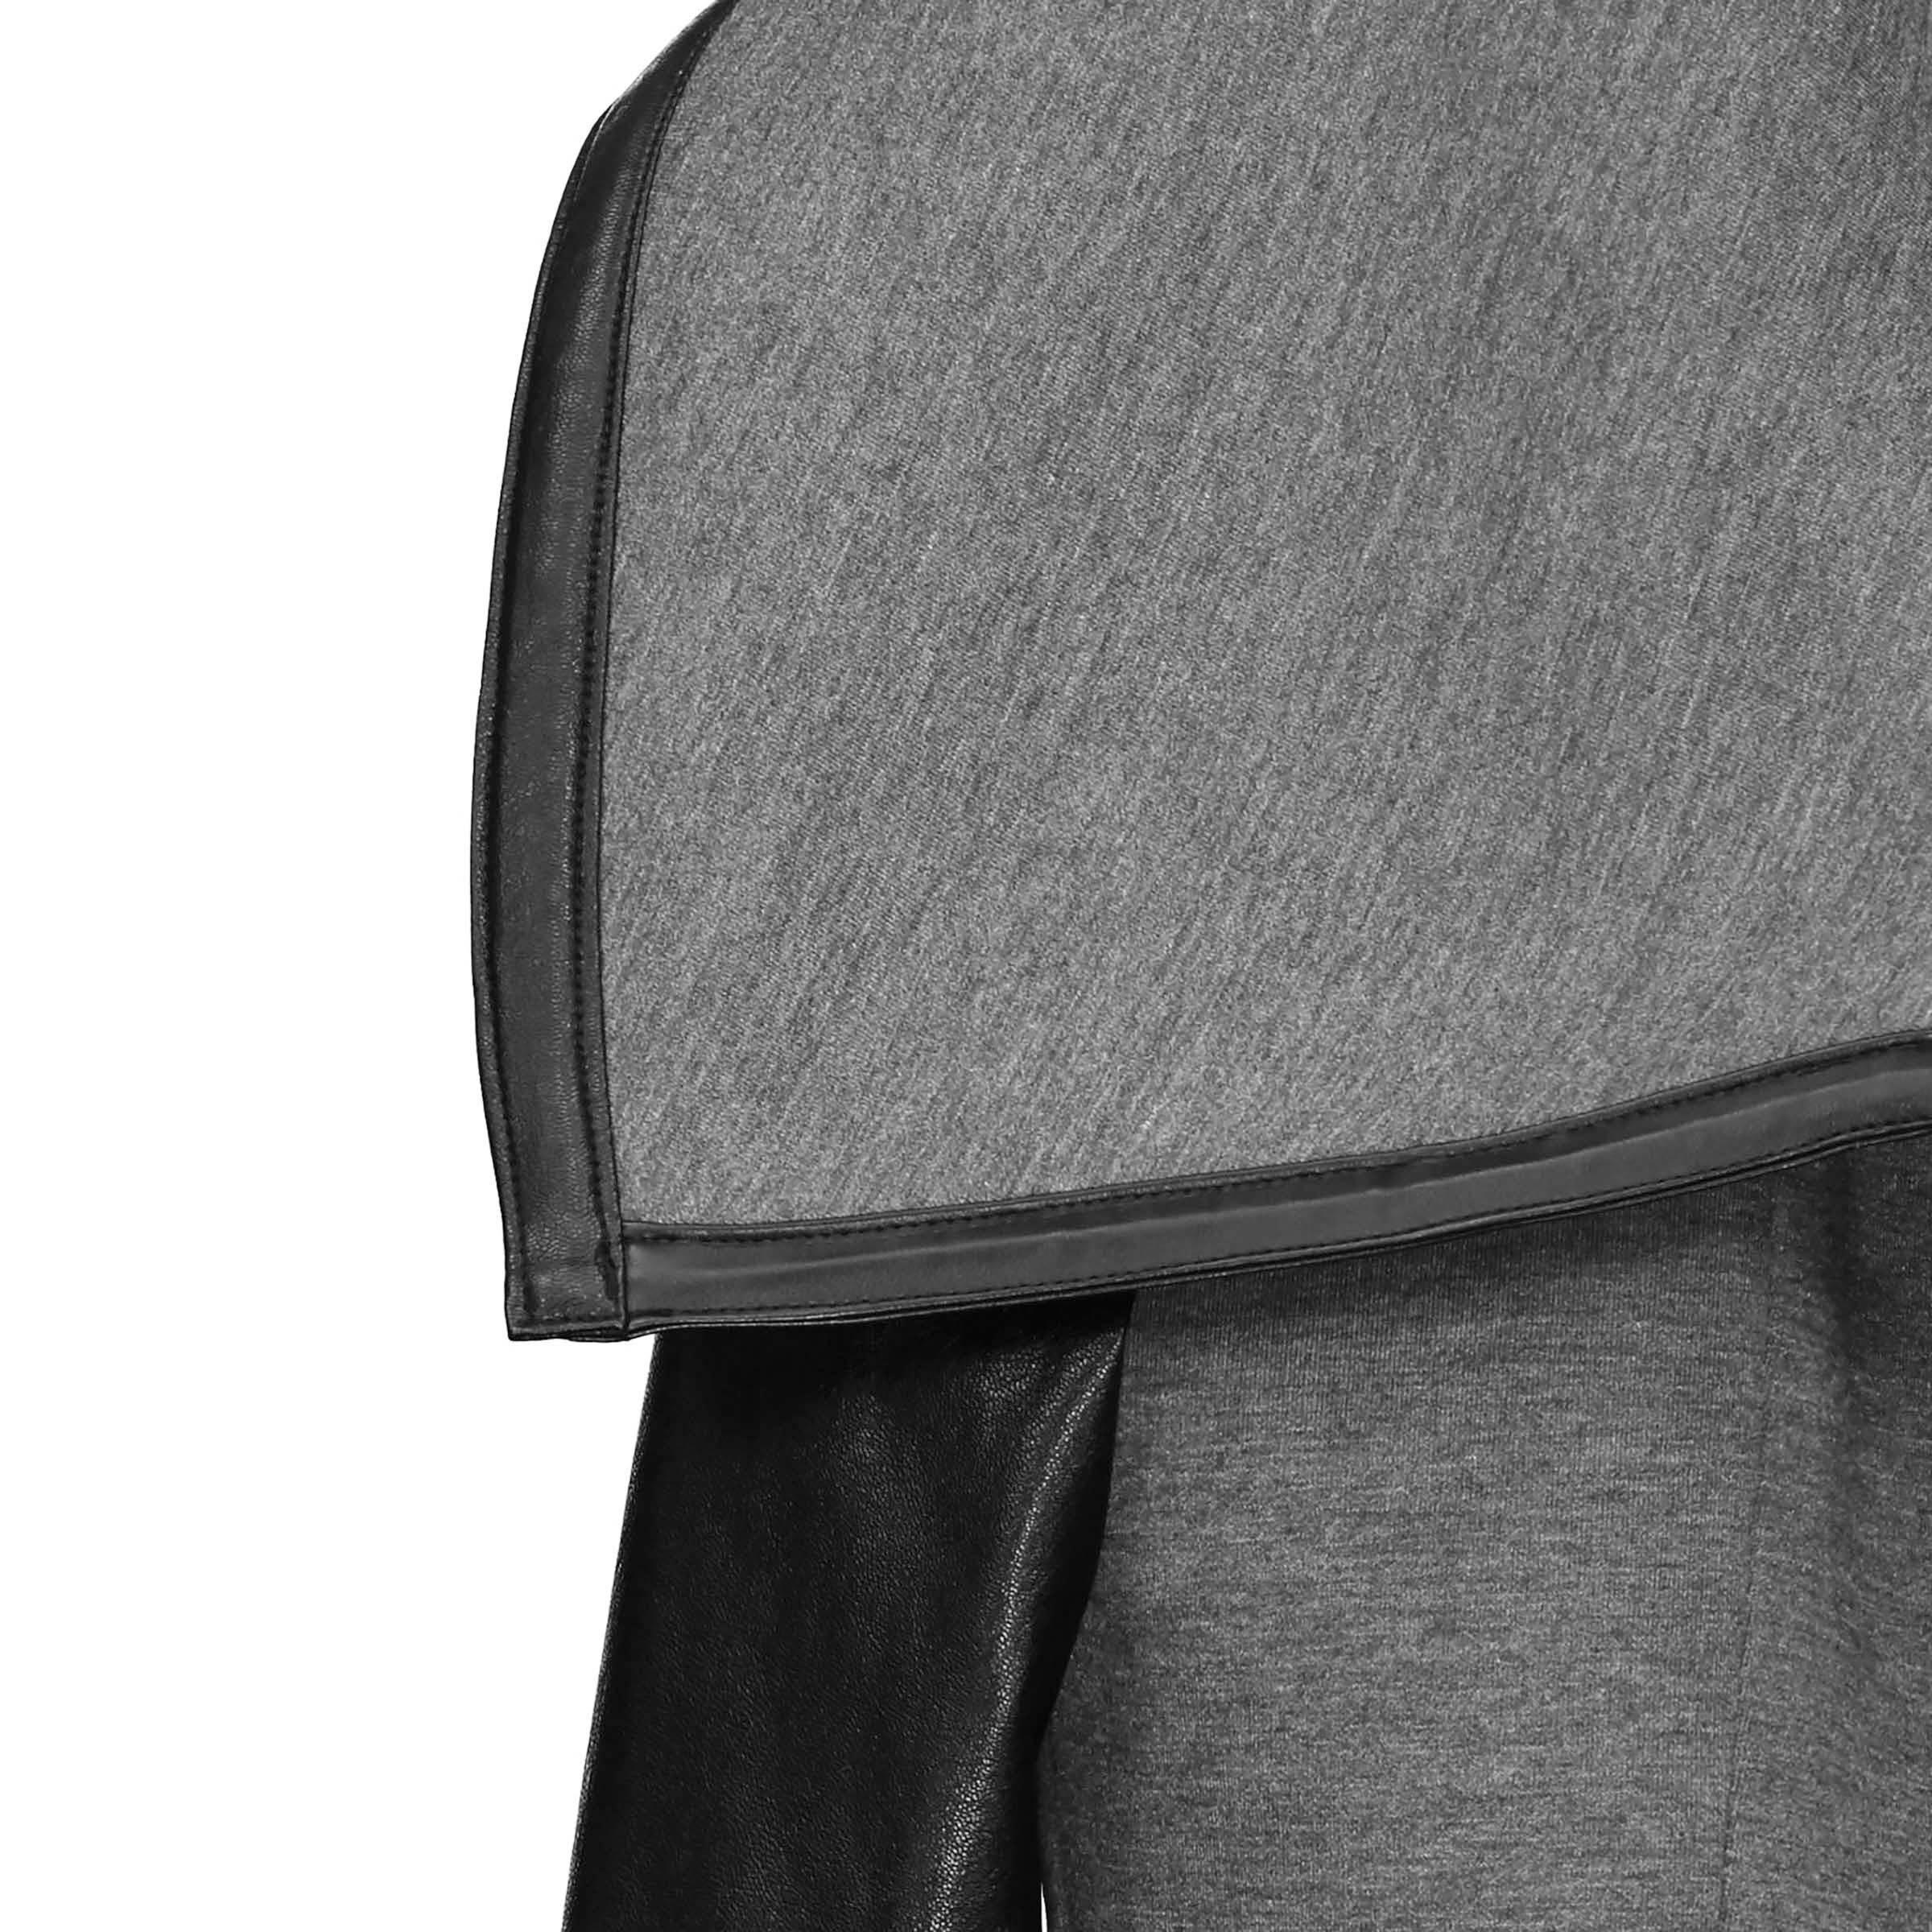 Street Manteau Casual Automne 2018 Maigre Élégant Manches Noir Femmes Survêtement High Pu Bureau Cuir Goth En Simple Dames Top Hiver Veste qPdEE